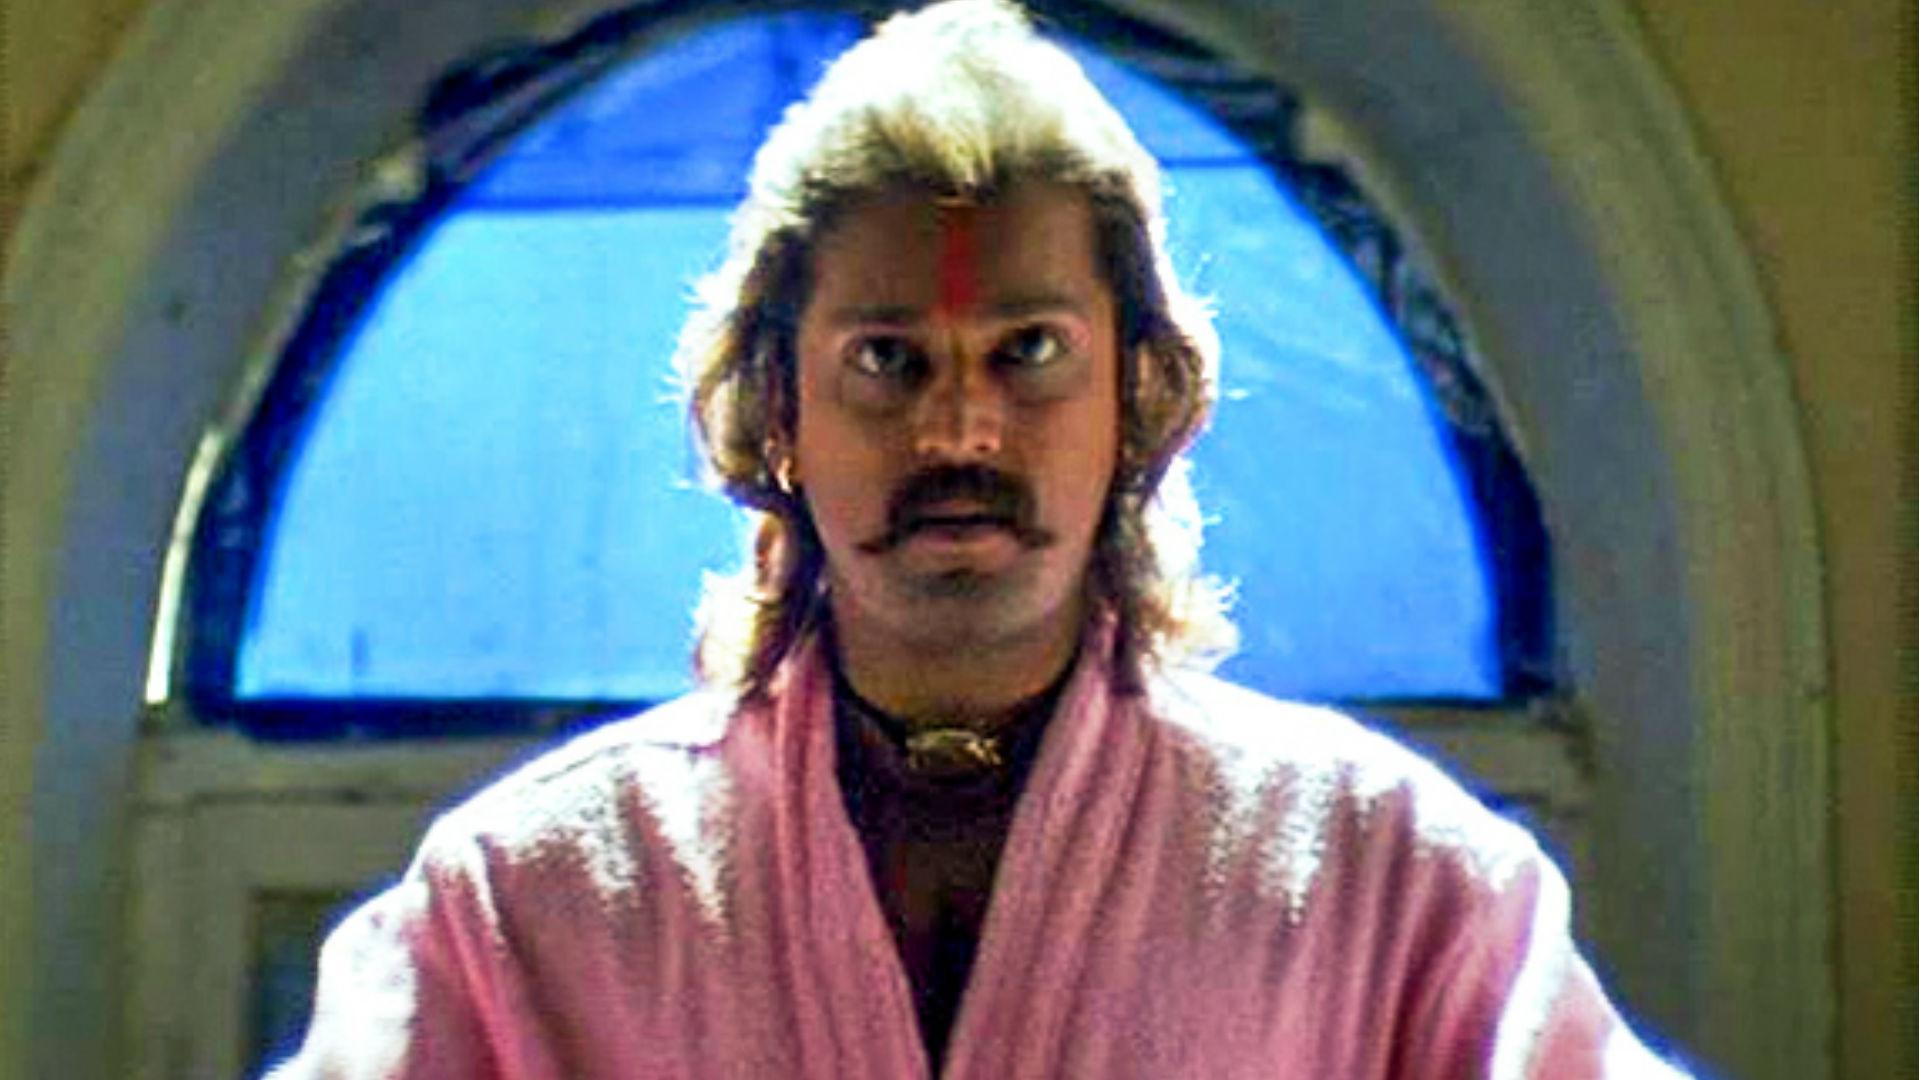 मौत से पहले महेश आनंद ने इस फिल्म प्रोड्यूसर को किया था 3 बार फोन, लेकिन इस वजह से नहीं हो पाई थी बात